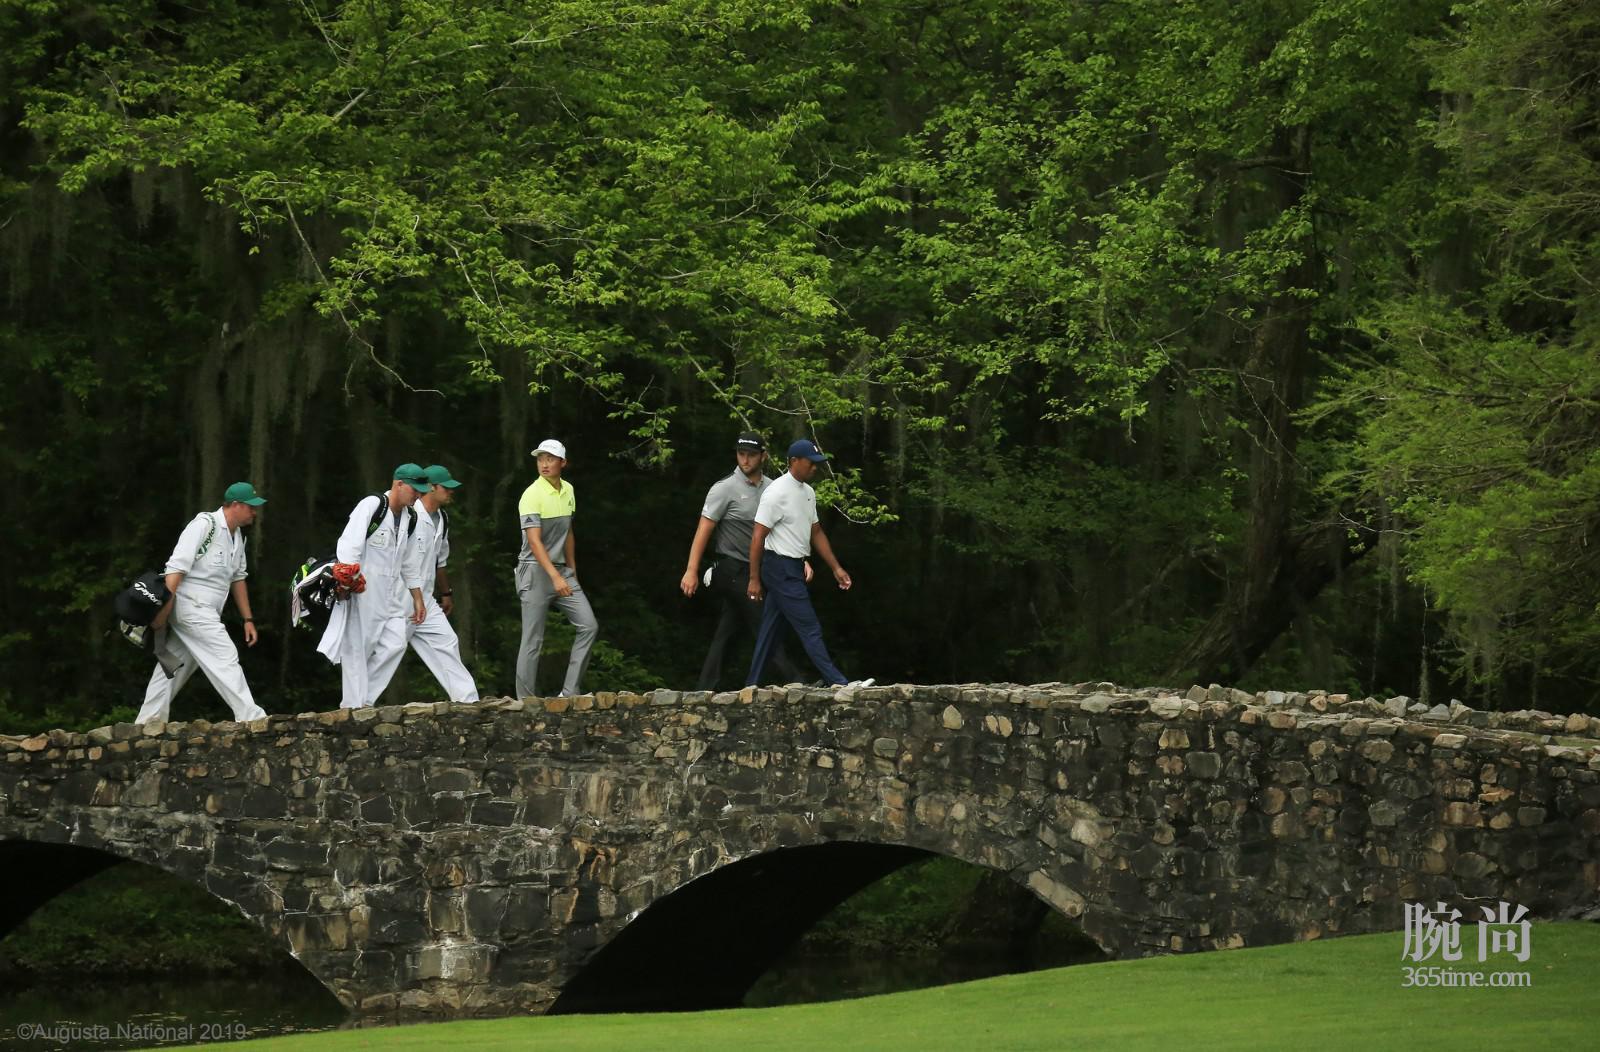 劳力士代言人泰格・伍兹、琼・拉姆及李昊桐于第二轮走过第13洞的内森桥 ©Augusta National 2019.jpg